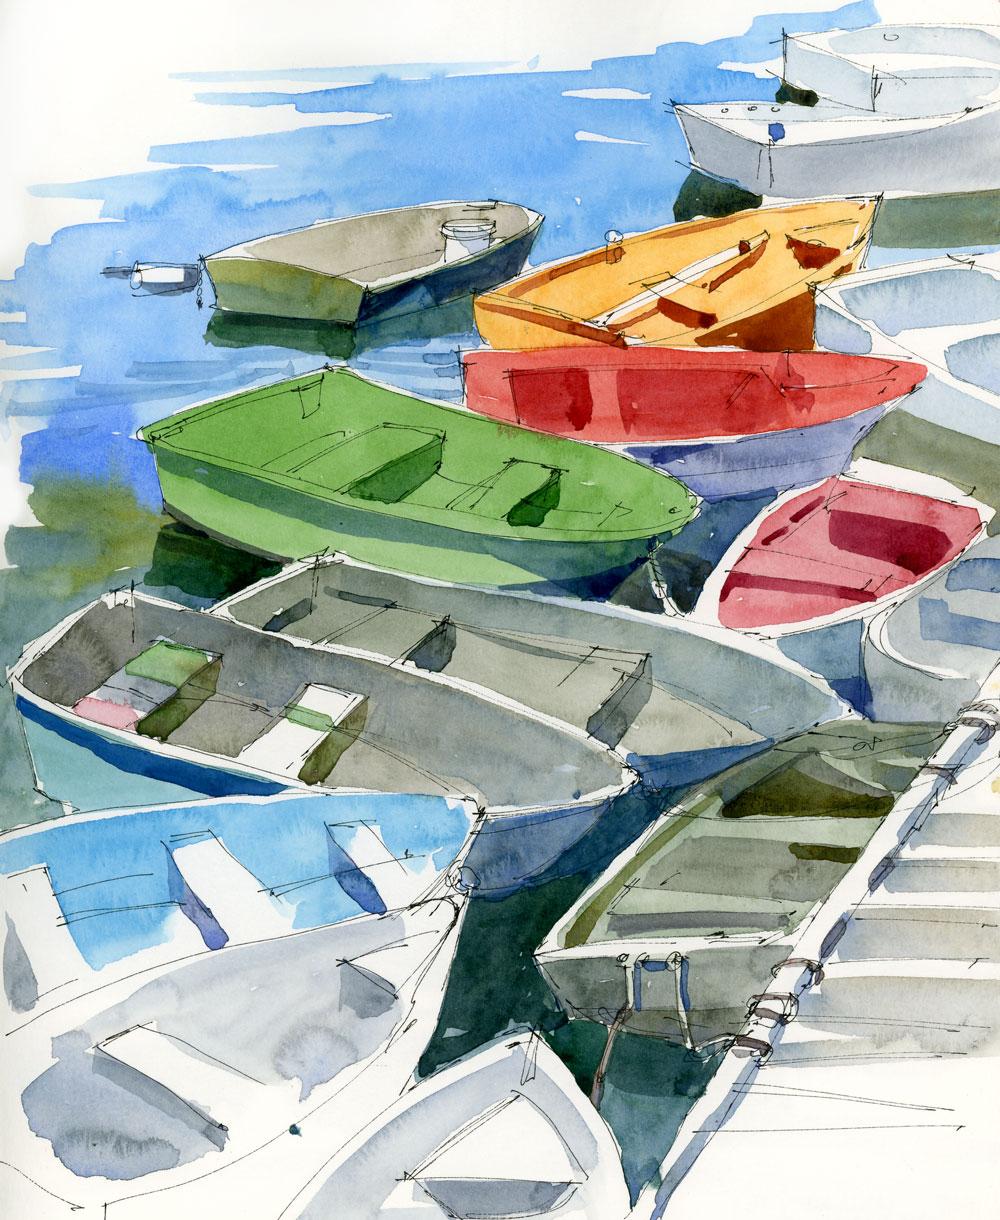 Rockport_LittleBoats.jpg